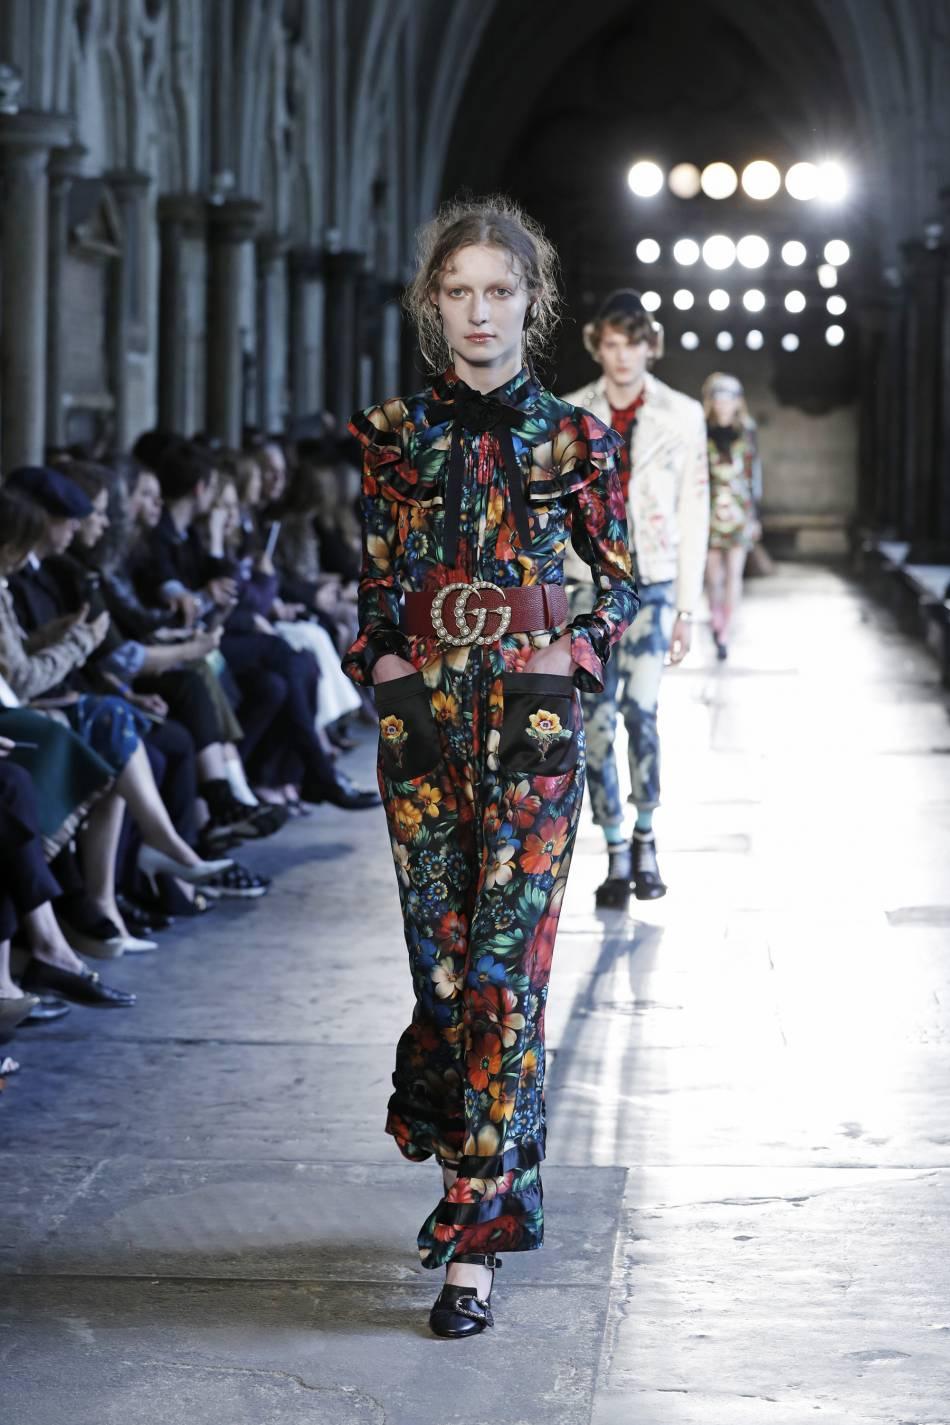 Fleurs hippie en all-over sur ce look Croisière de Gucci.